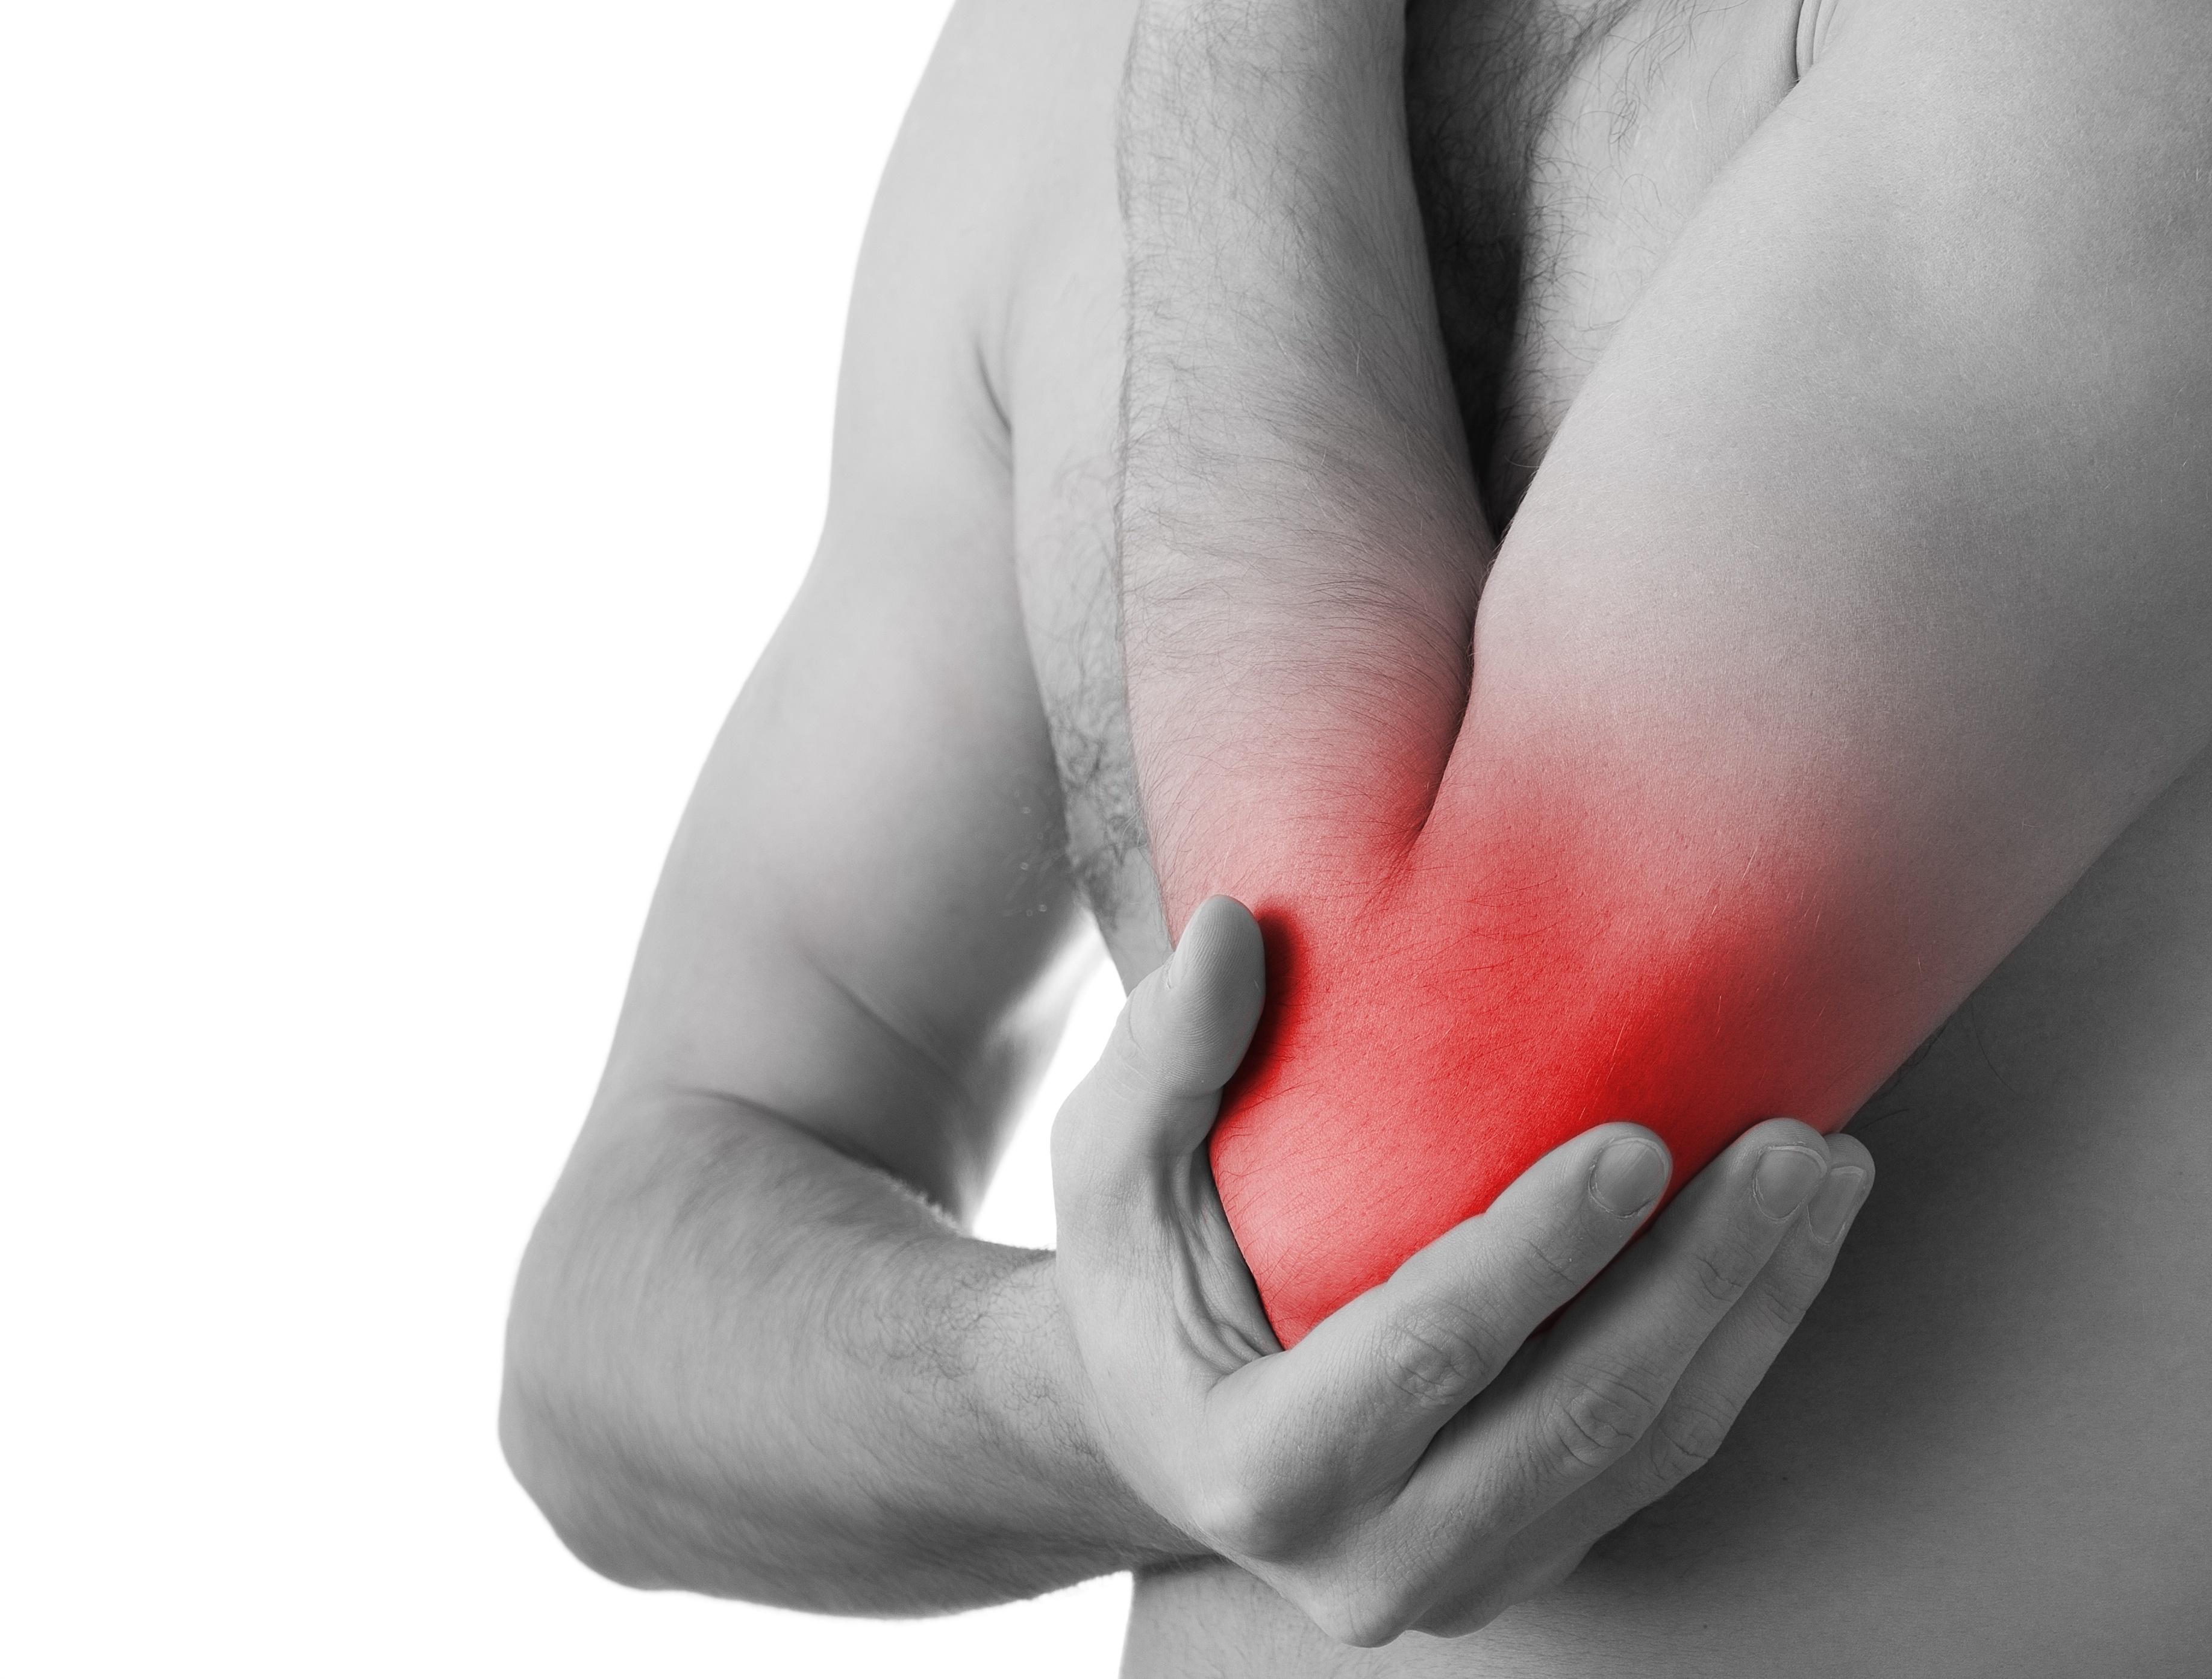 hogyan lehet kezelni az artrózis és ízületi gyulladás gyógyszereit injekció az ízületek fájdalmához